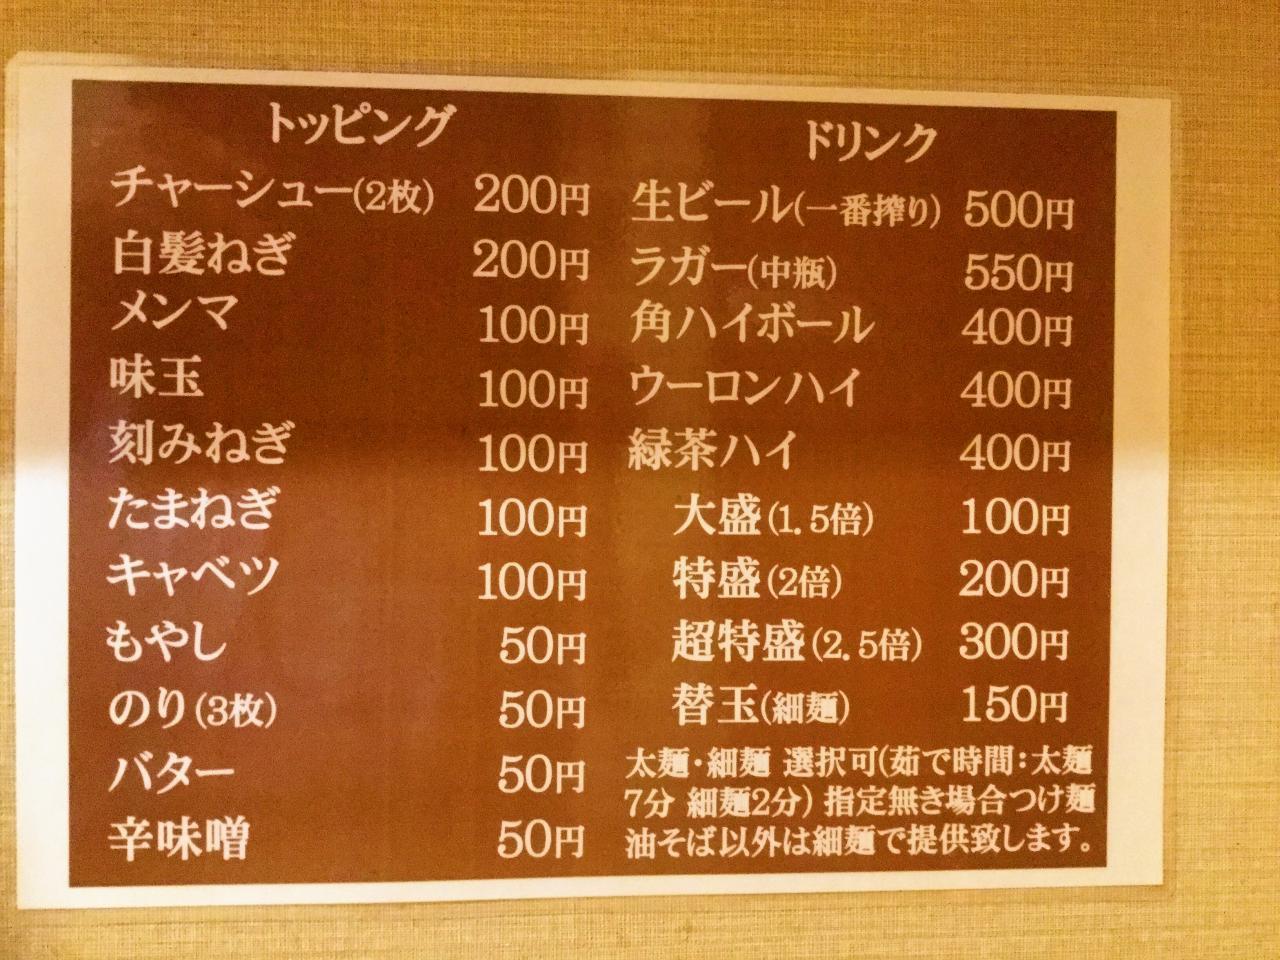 つけ麺 豚野郎(店内)